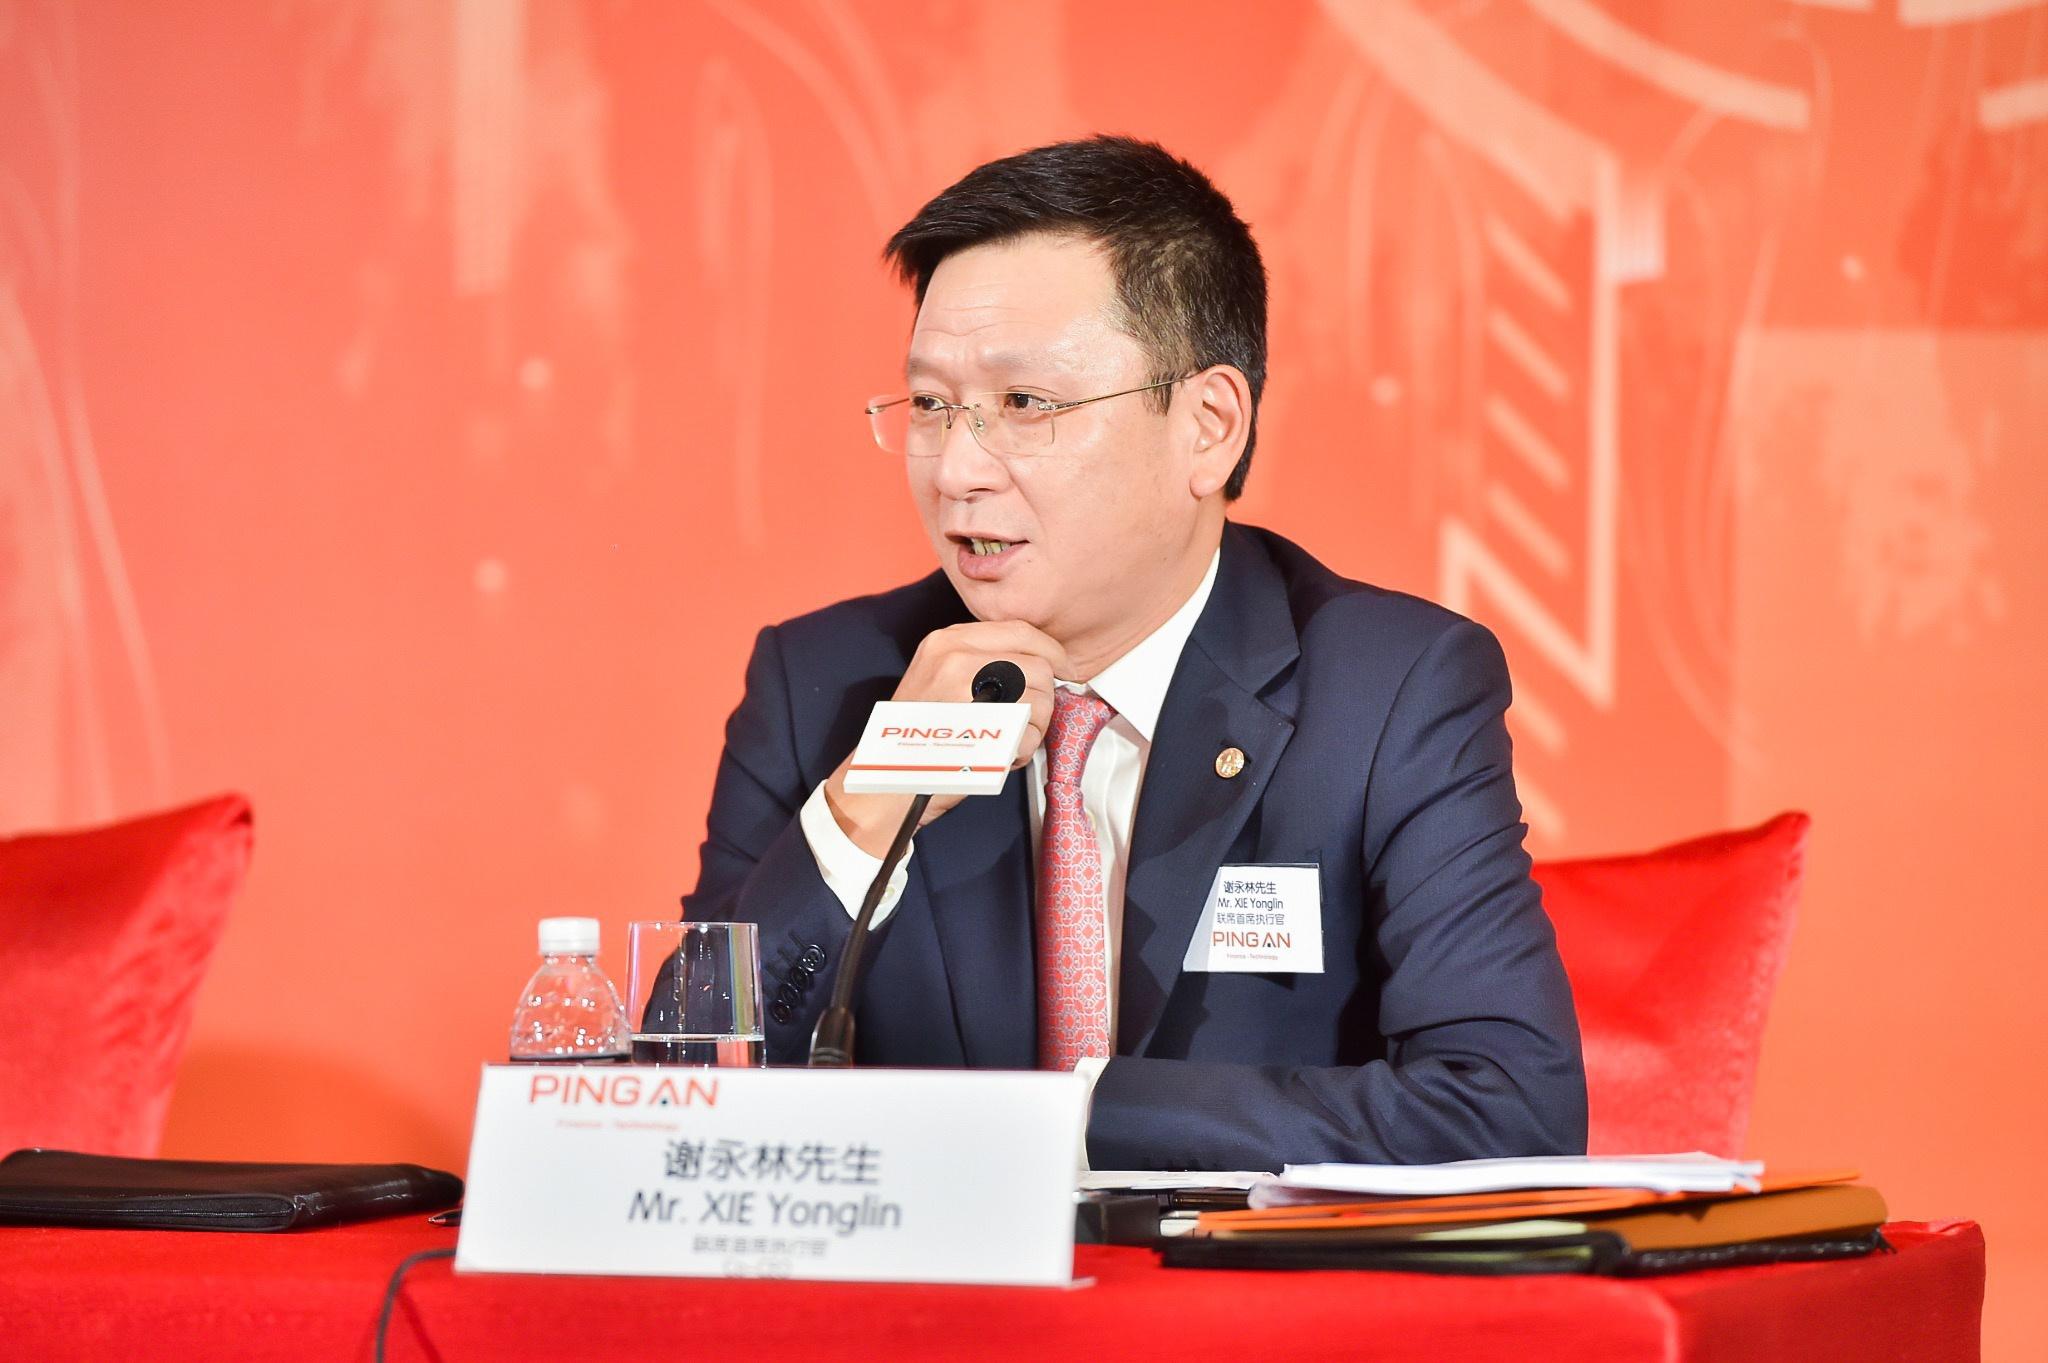 平安总经理谢永林:疫情促进科技板块 不折腾的组织没有未来